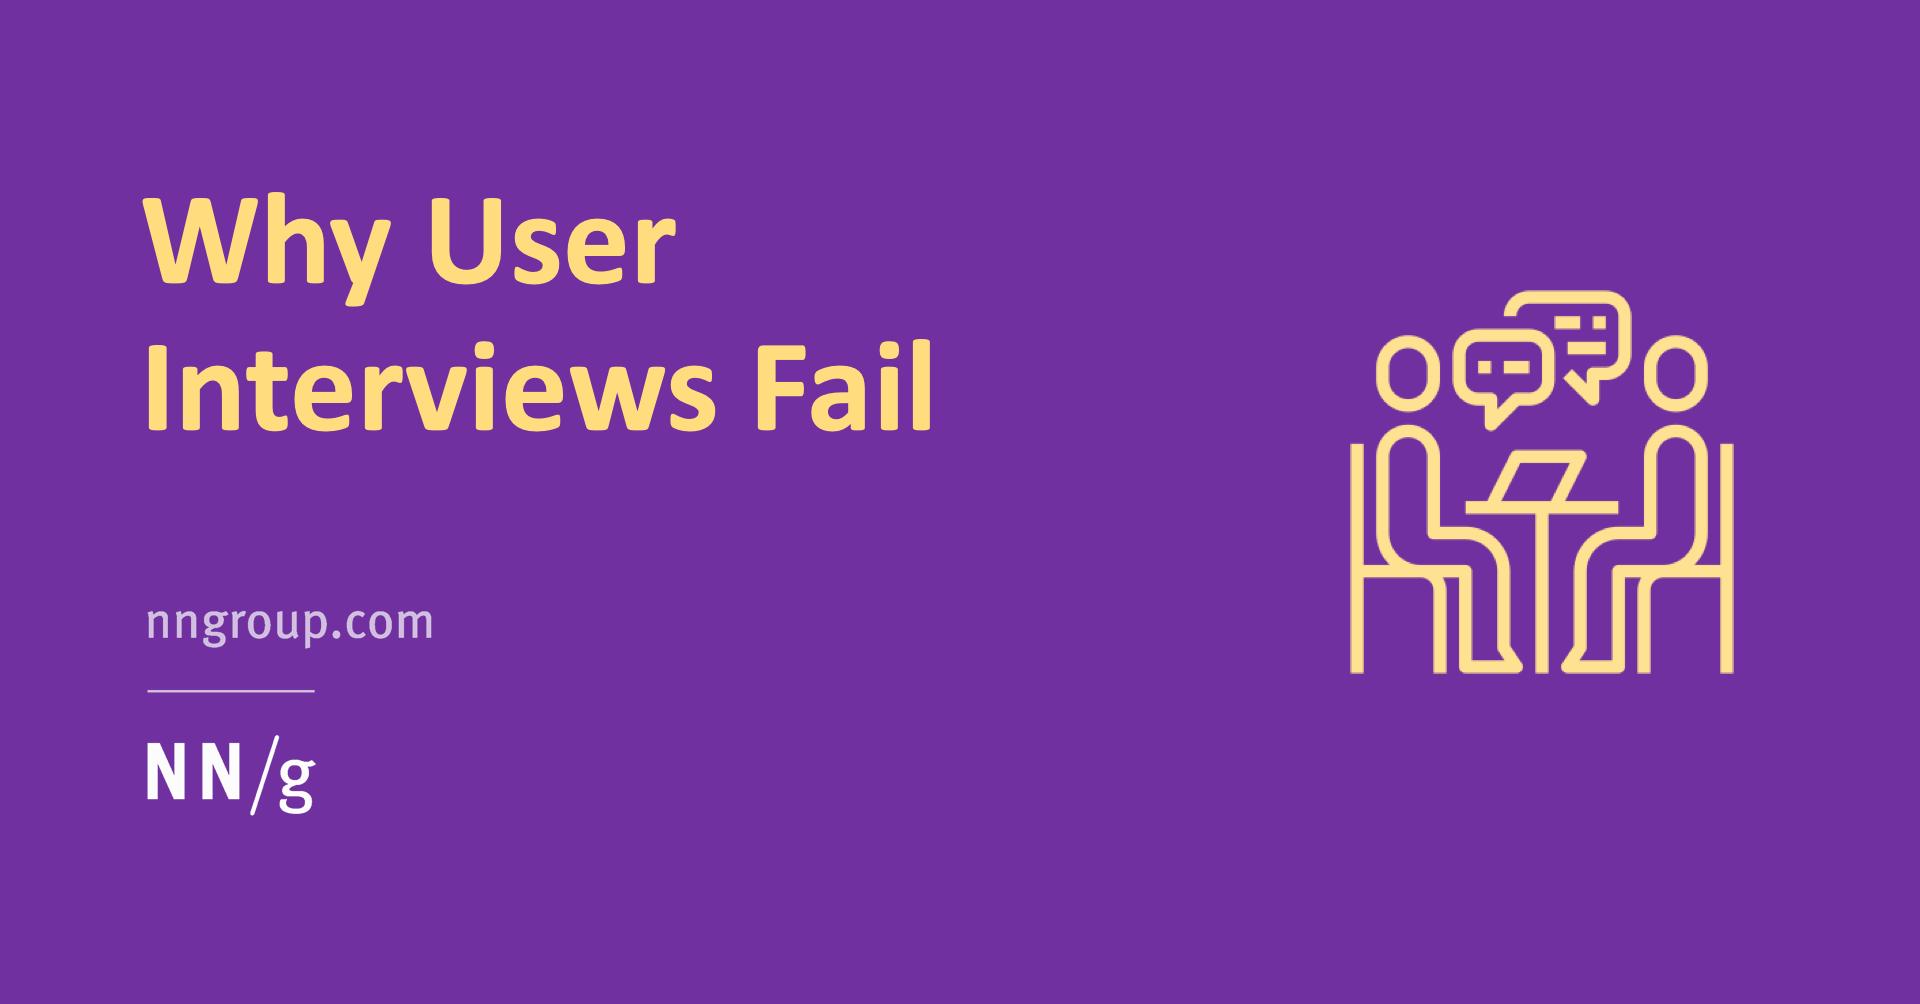 Why User Interviews Fail